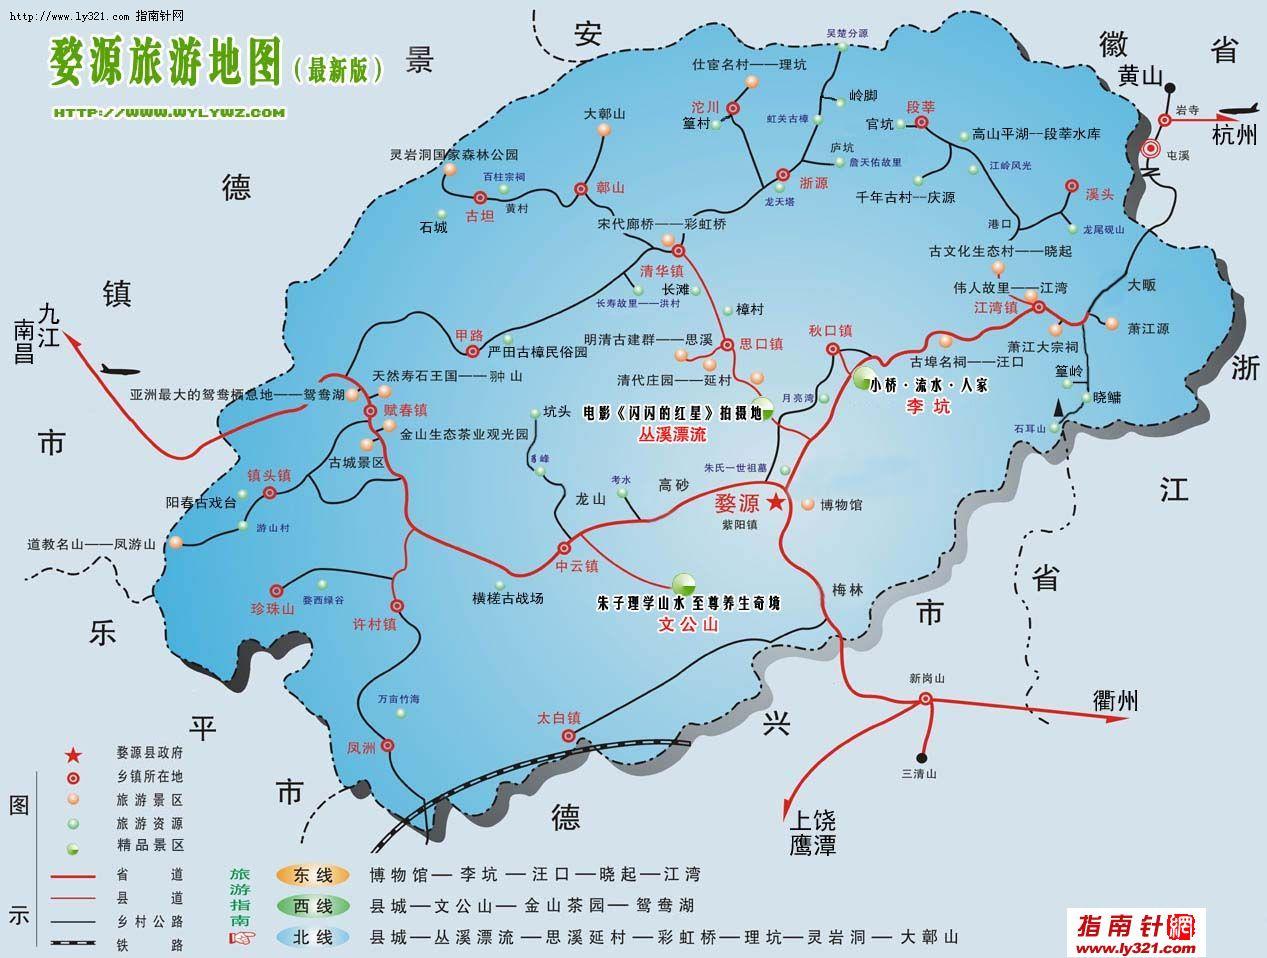 婺源旅游地图_上饶市地图查询